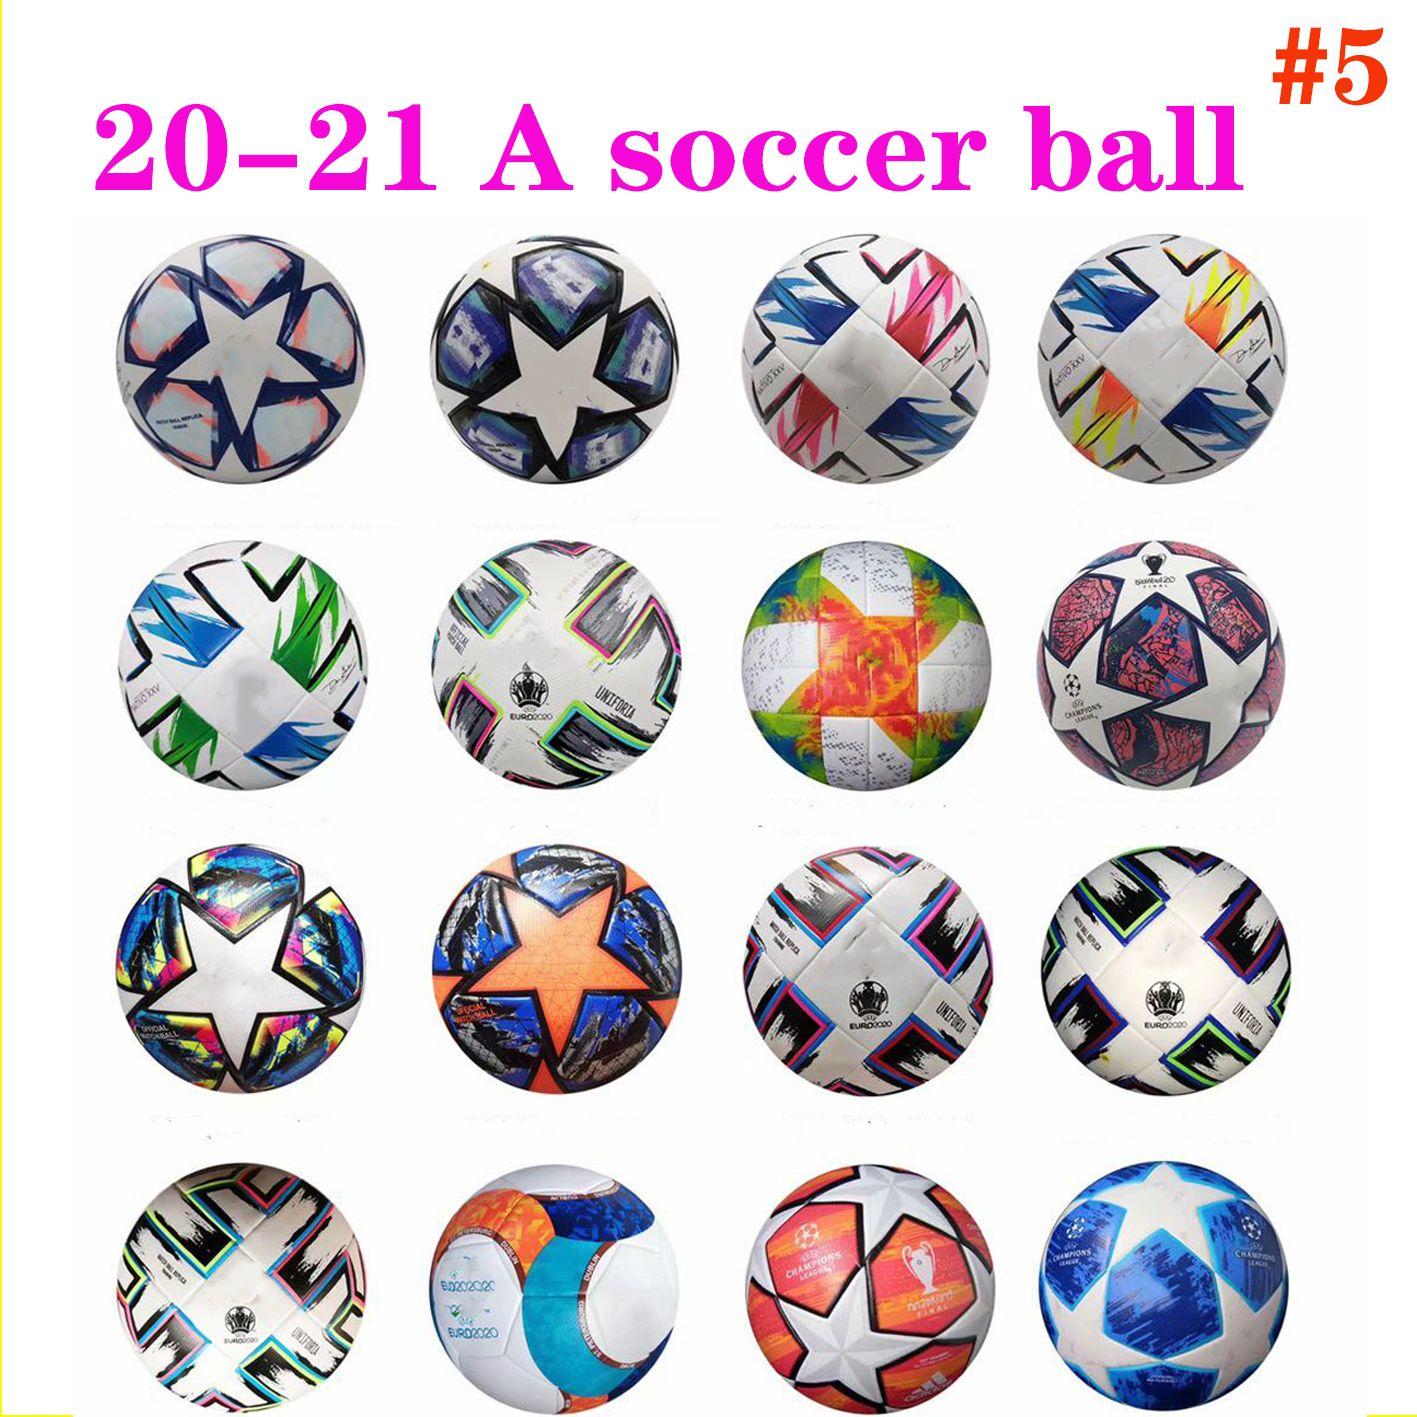 2020 العالم الأوروبي كأس الدوري PU كرة القدم الكرة العالمية الكرة لكرة القدم PU LALIGA SERIEA كأس كالتشيو فوتبول النهائي KYIV كرة القدم أوروبا